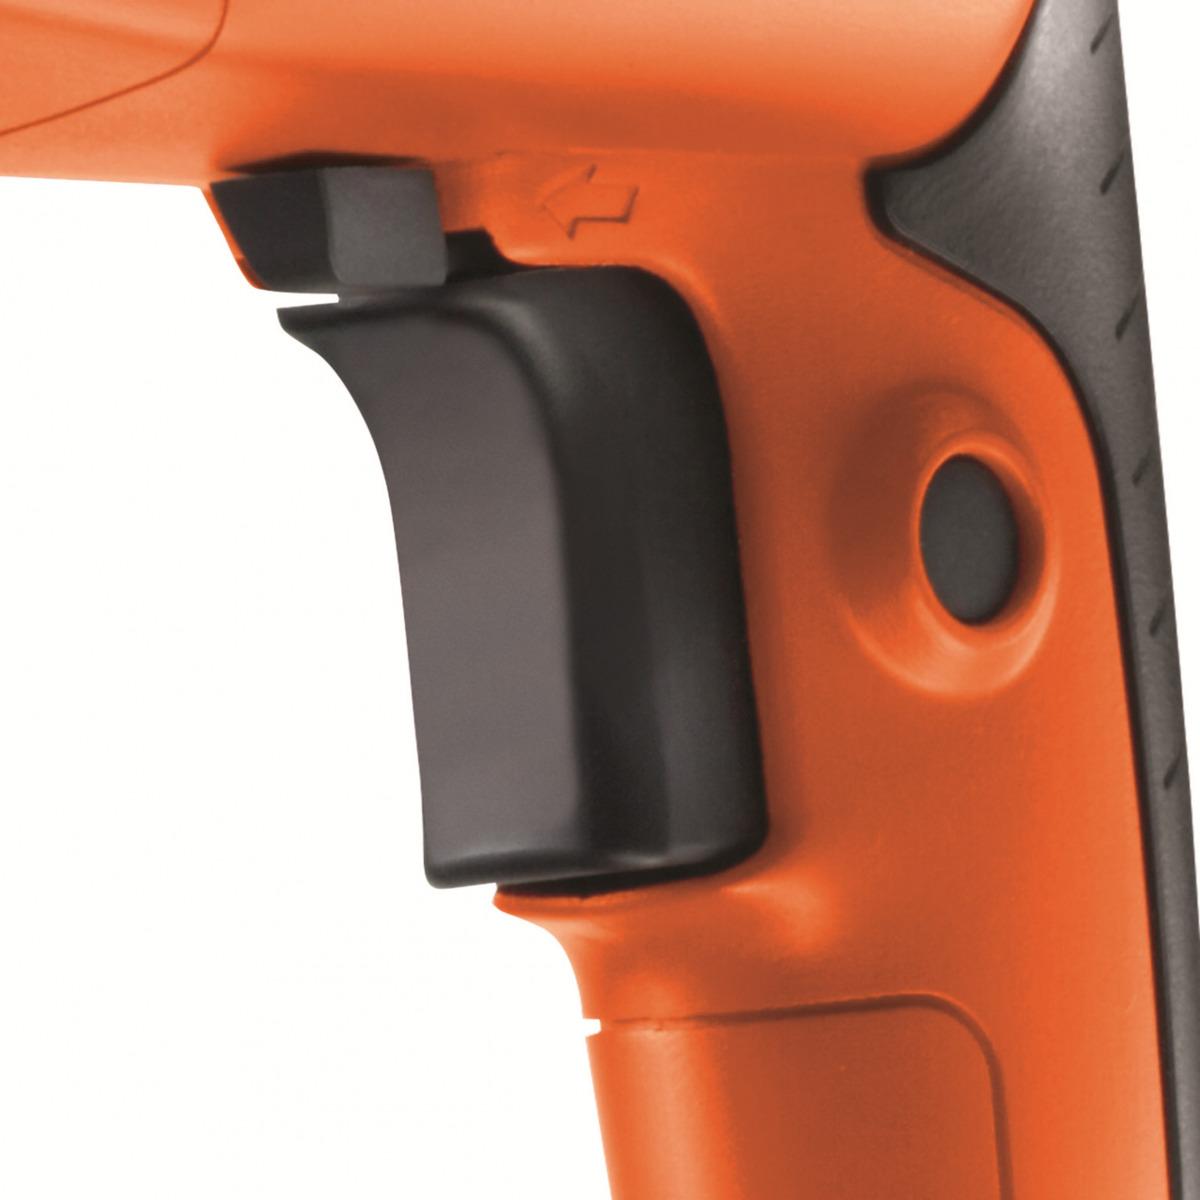 Bild 3 von Black + Decker SDS-Plus Bohrhammer 550W